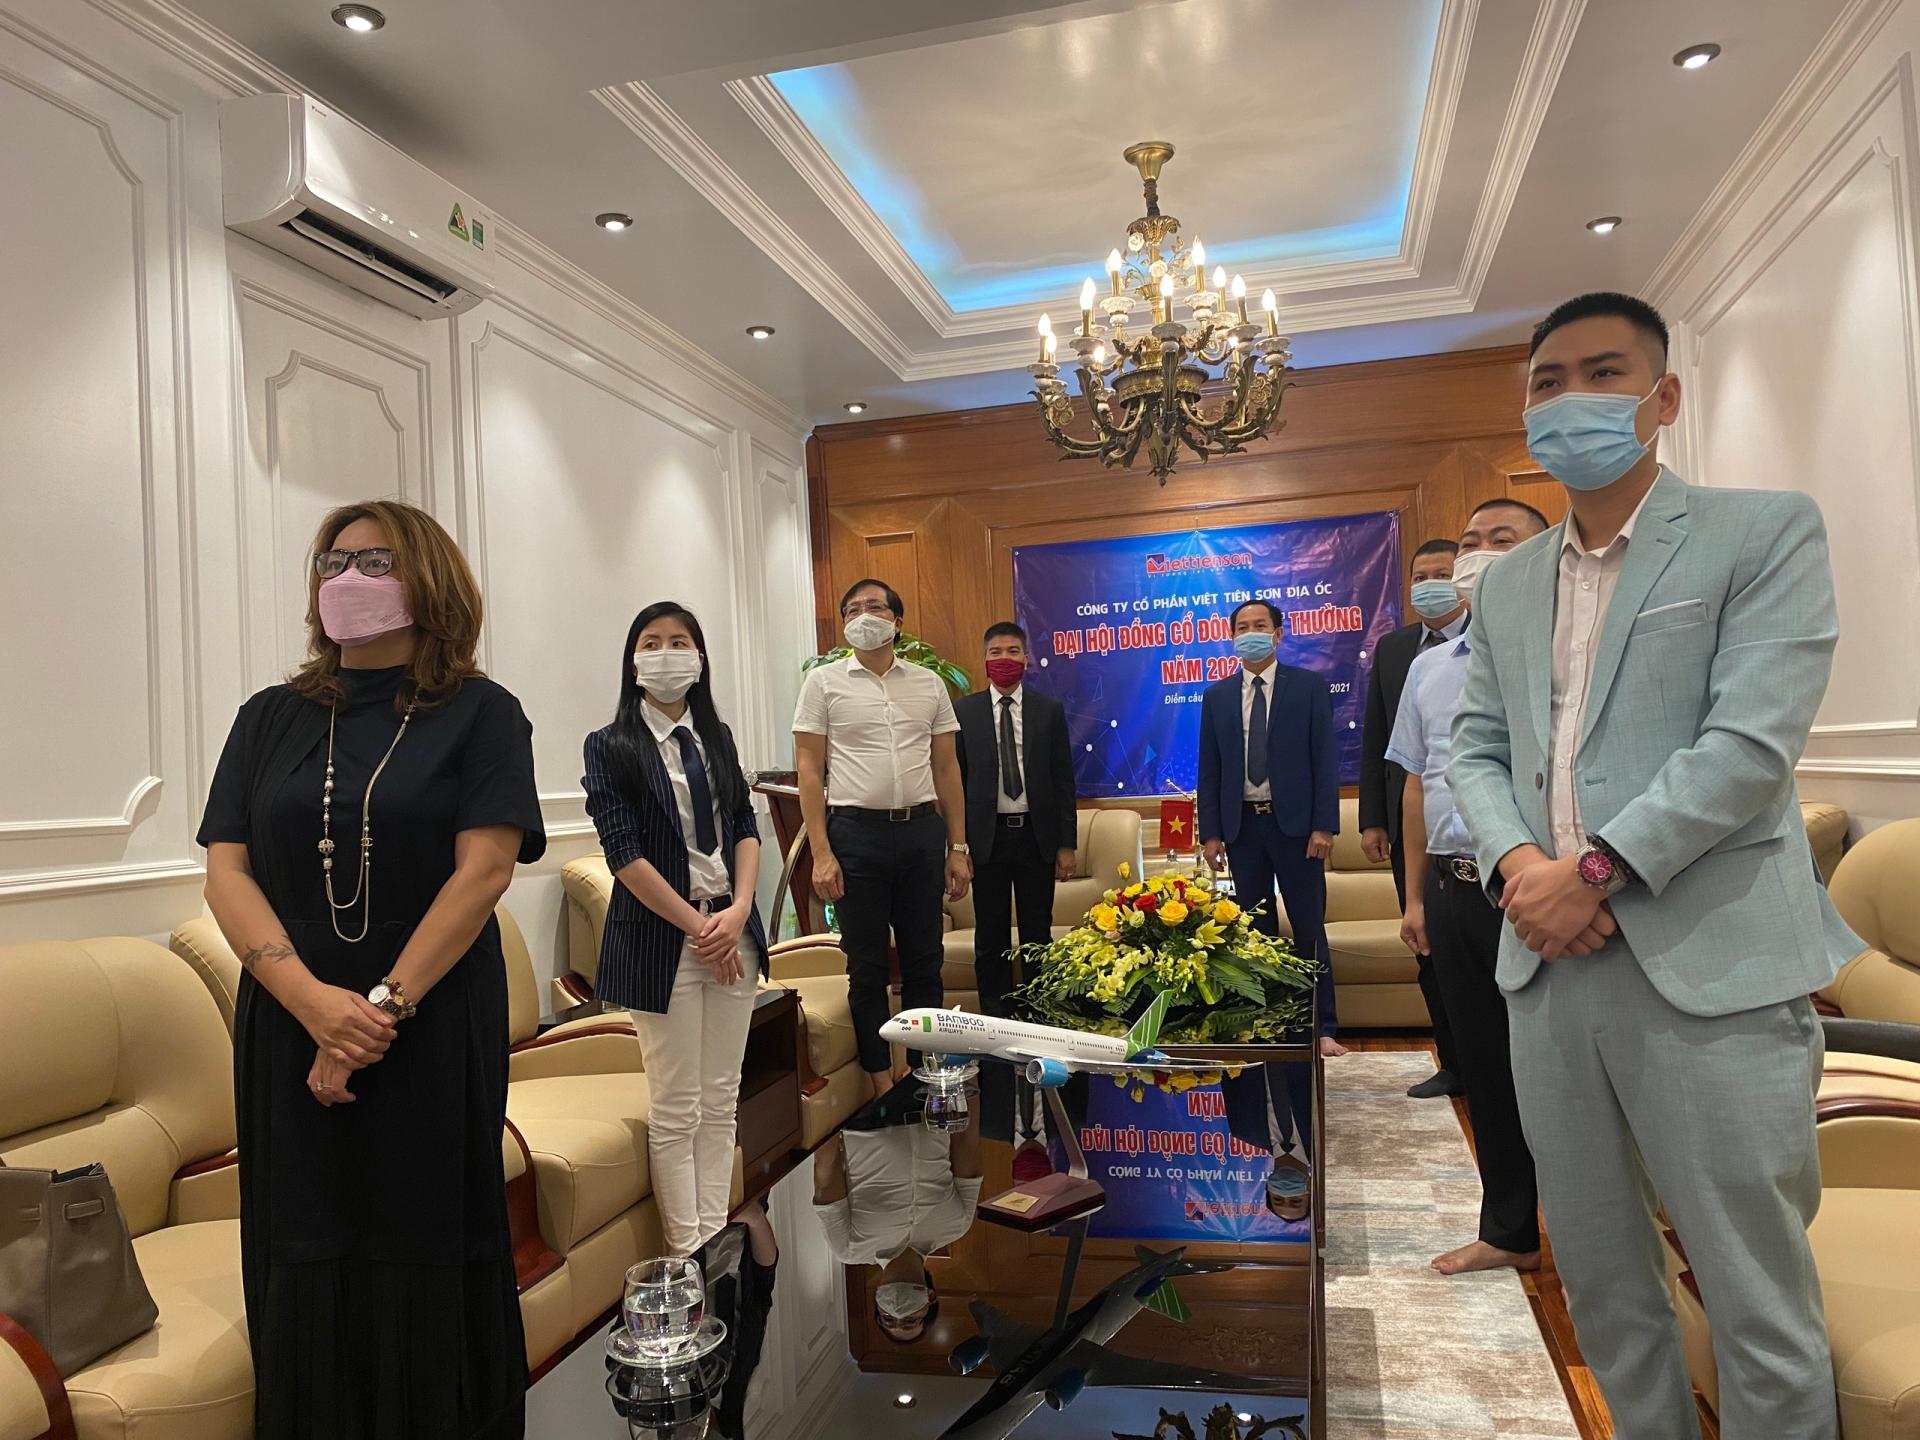 Ông Phạm Quang Khánh trở thành tân Chủ tịch HĐQT Công ty Việt Tiên Sơn địa ốc (AAV)